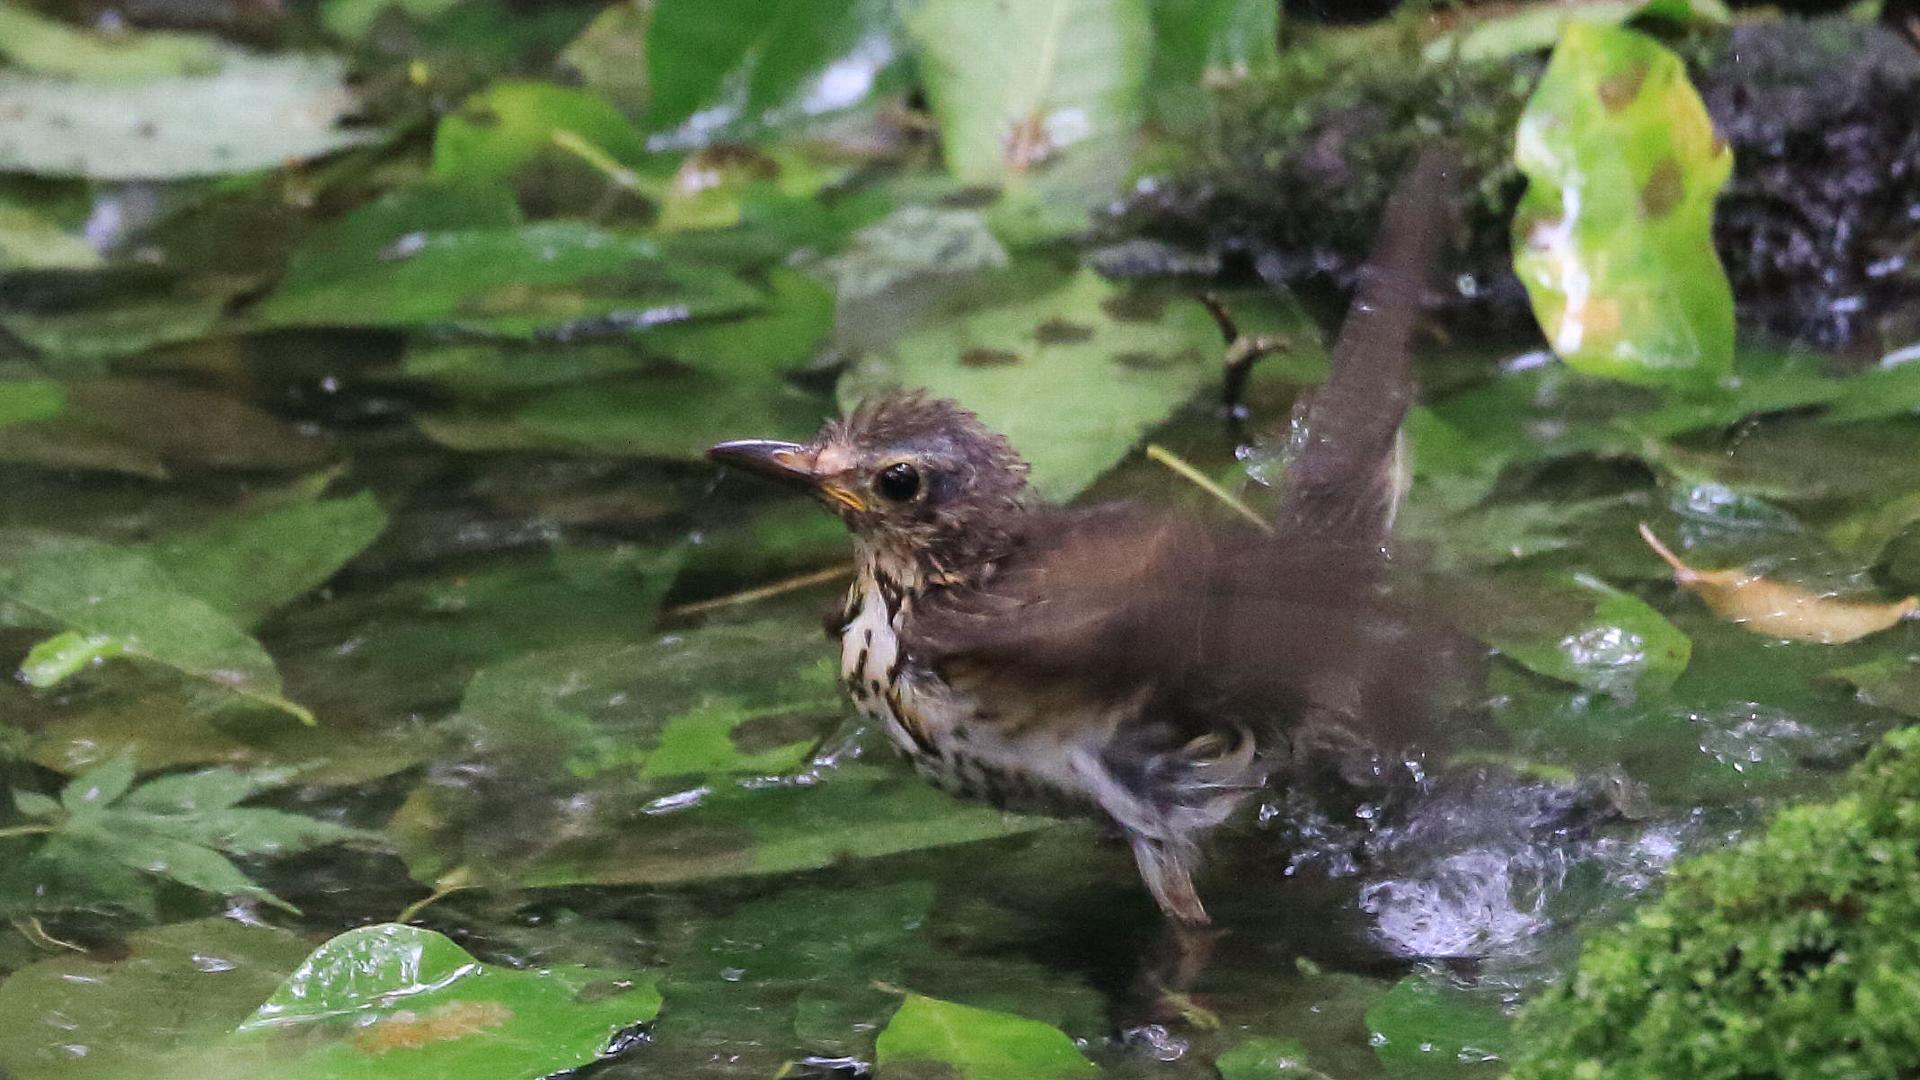 クロツグミ家族に逢えました!最後は水浴び大好き綺麗好きのメス幼鳥_f0105570_20432302.jpg